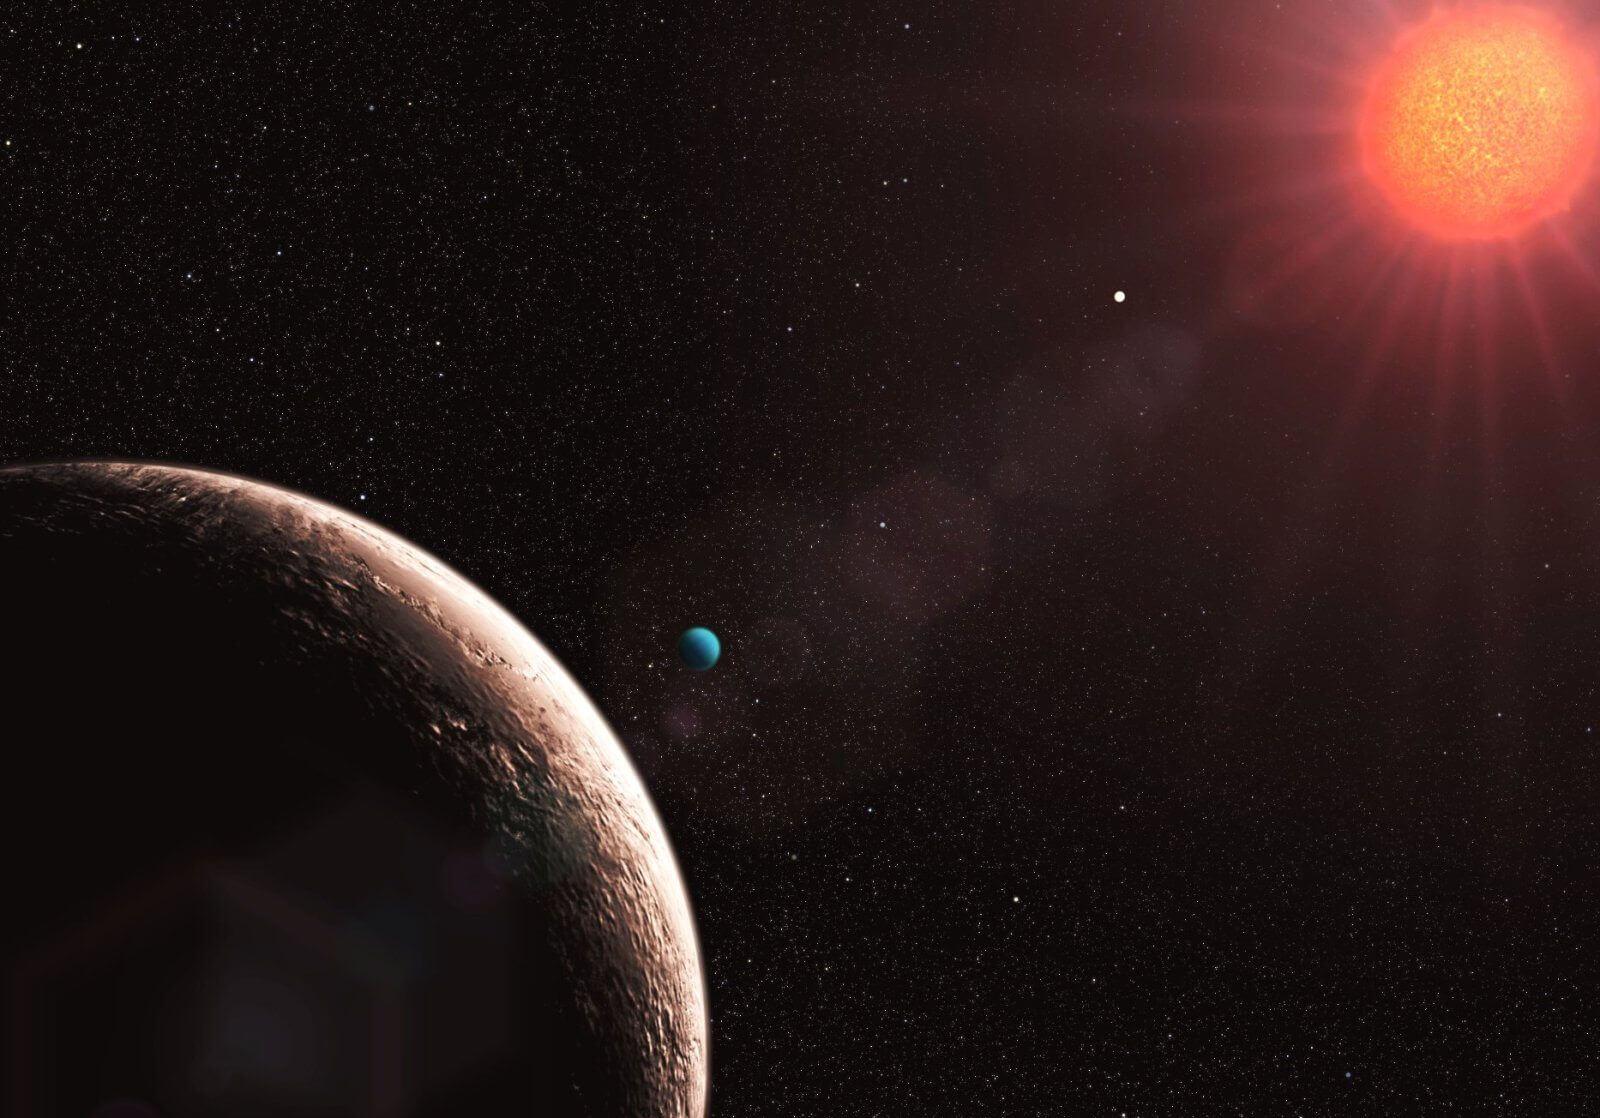 como ajudar cientistas encontrar exoplanetas - Veja como ajudar cientistas a encontrar exoplanetas habitáveis como a Terra